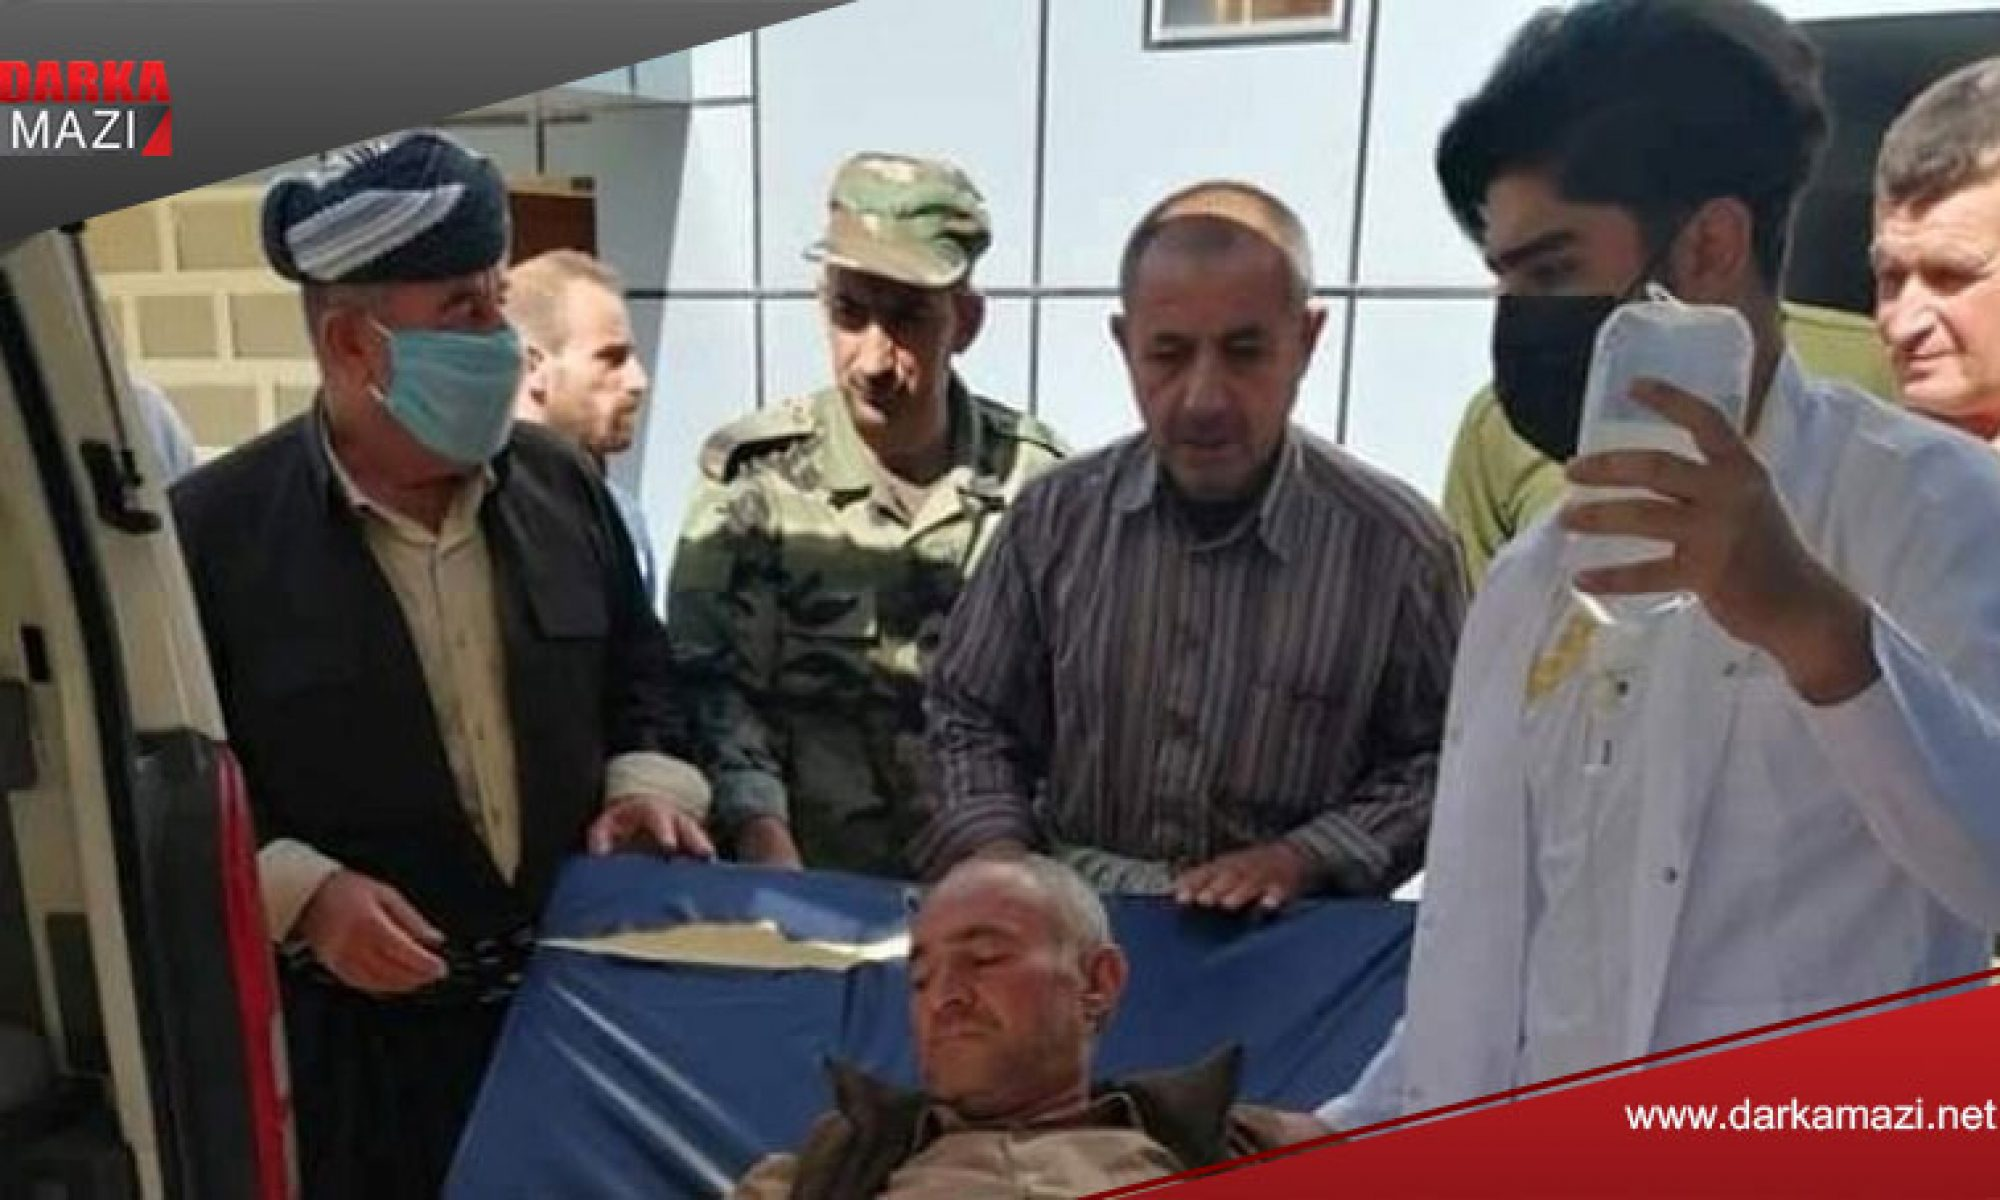 TSK uçakları PKK gerillalarını uyarmaya giden Irak güçlerini vurdu: iki komutan hayatını kaybetti